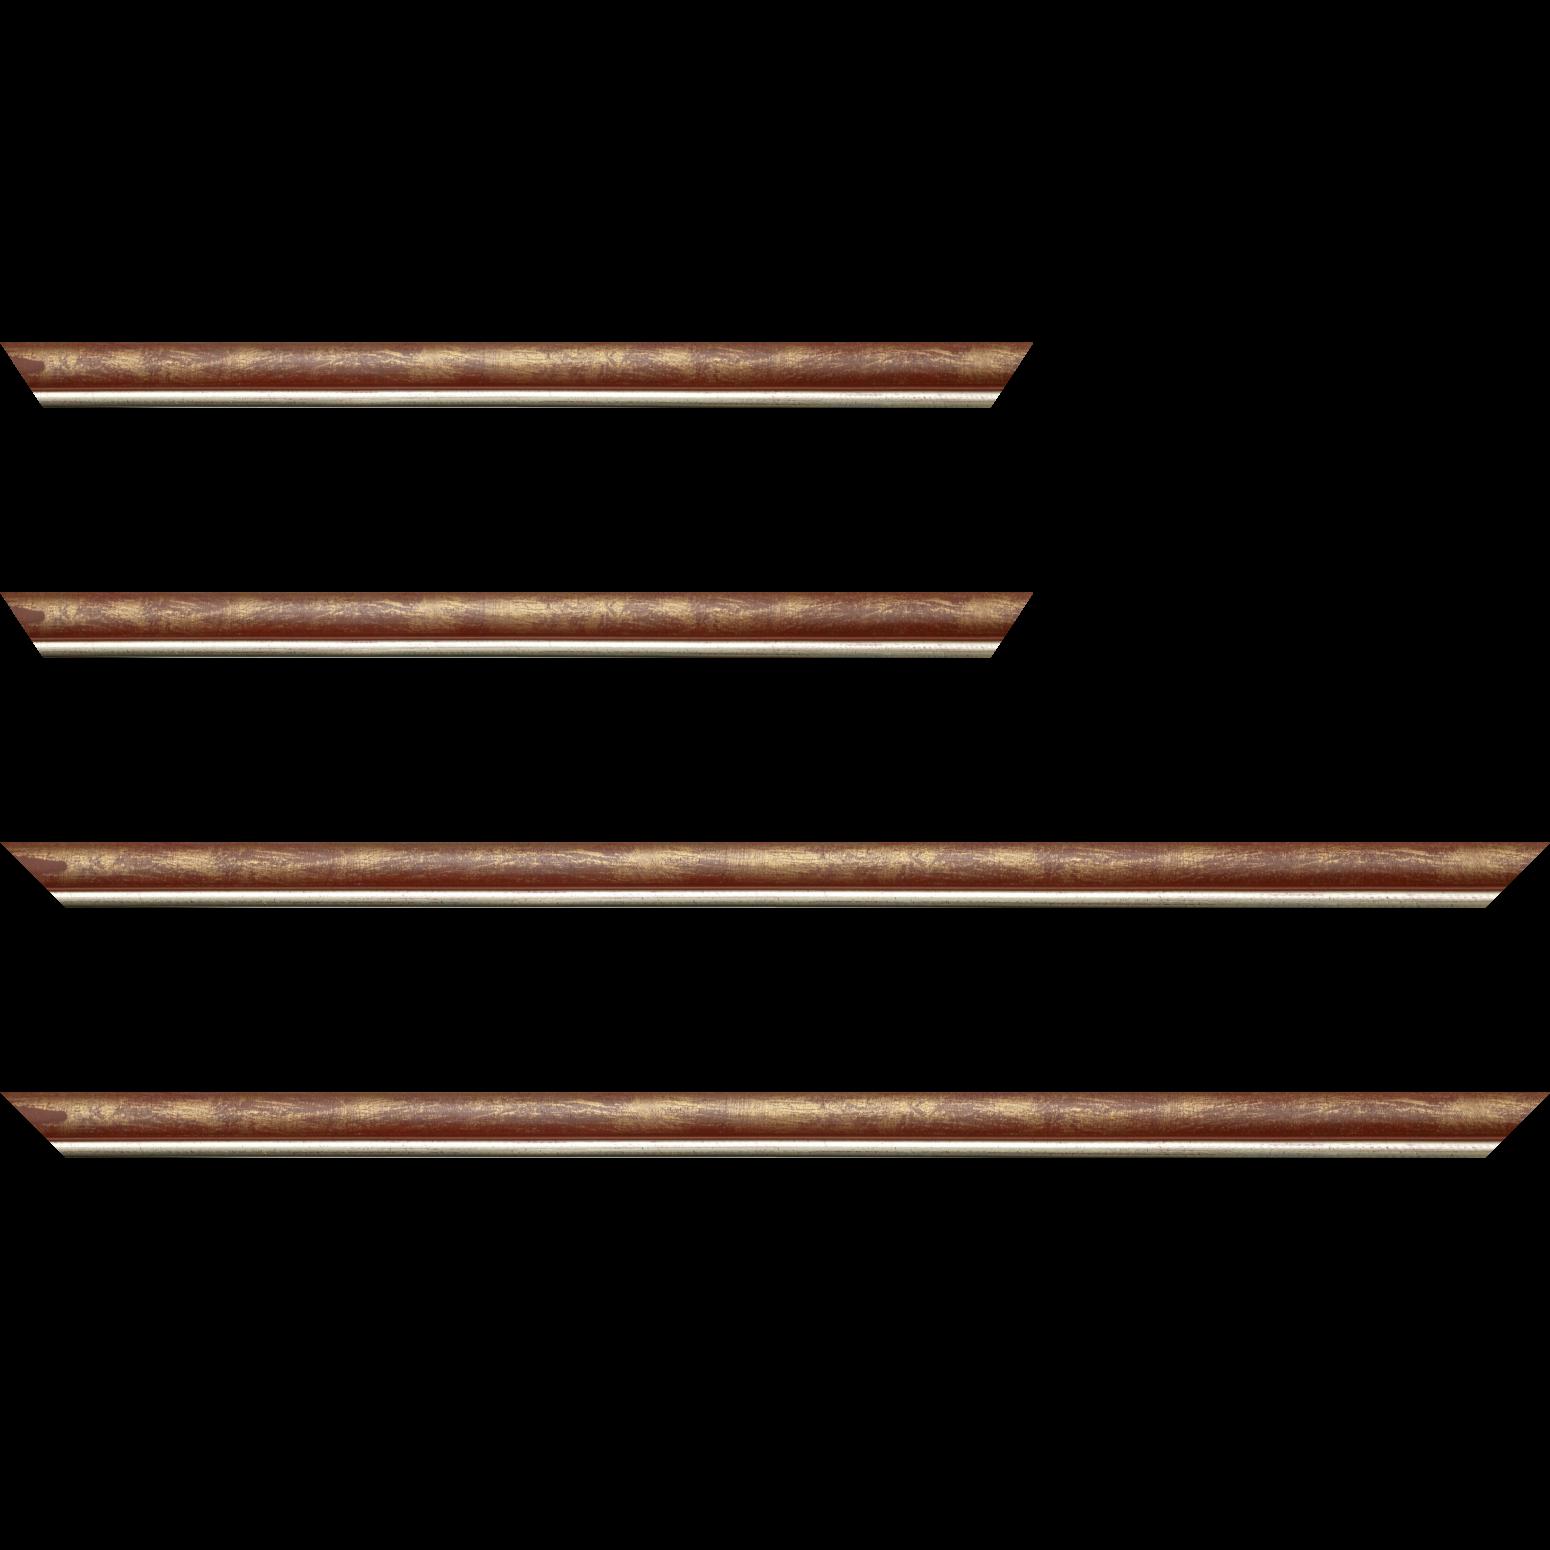 Baguette service précoupé Bois profil arrondi largeur 2.1cm  couleur bordeaux fond or filet argent chaud